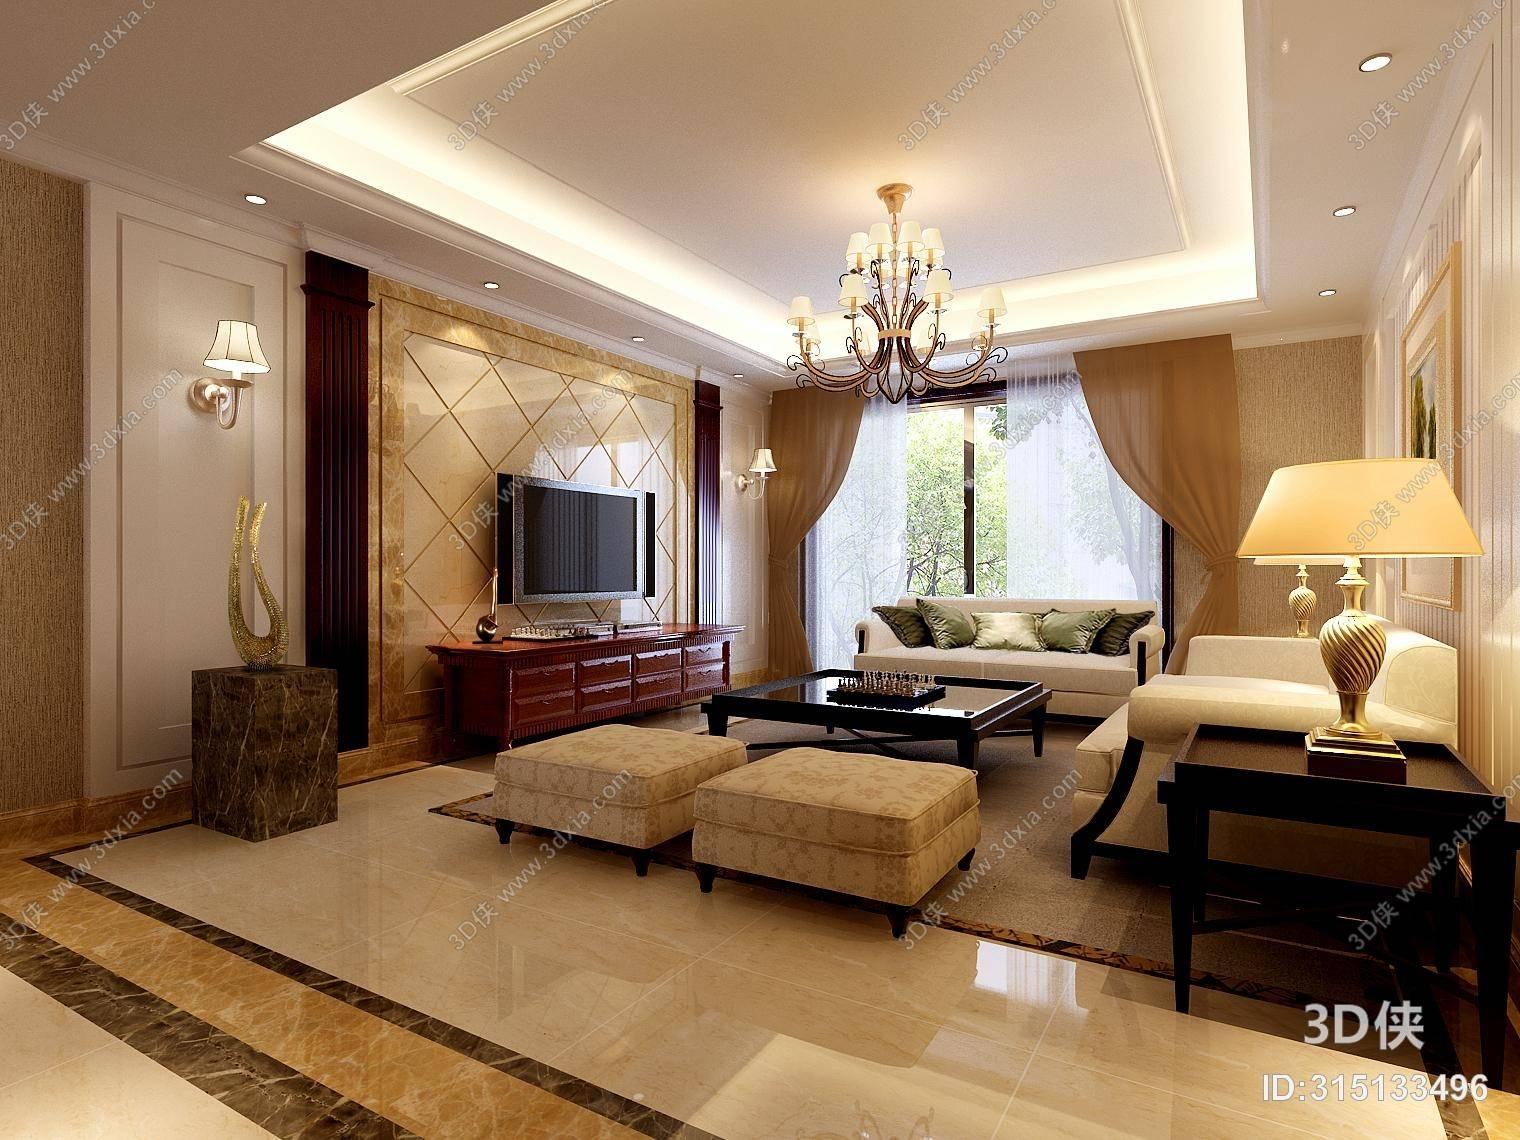 欧式简约米色布艺餐桌椅组合 欧式简约暖色家居客厅 美式简约白色家居